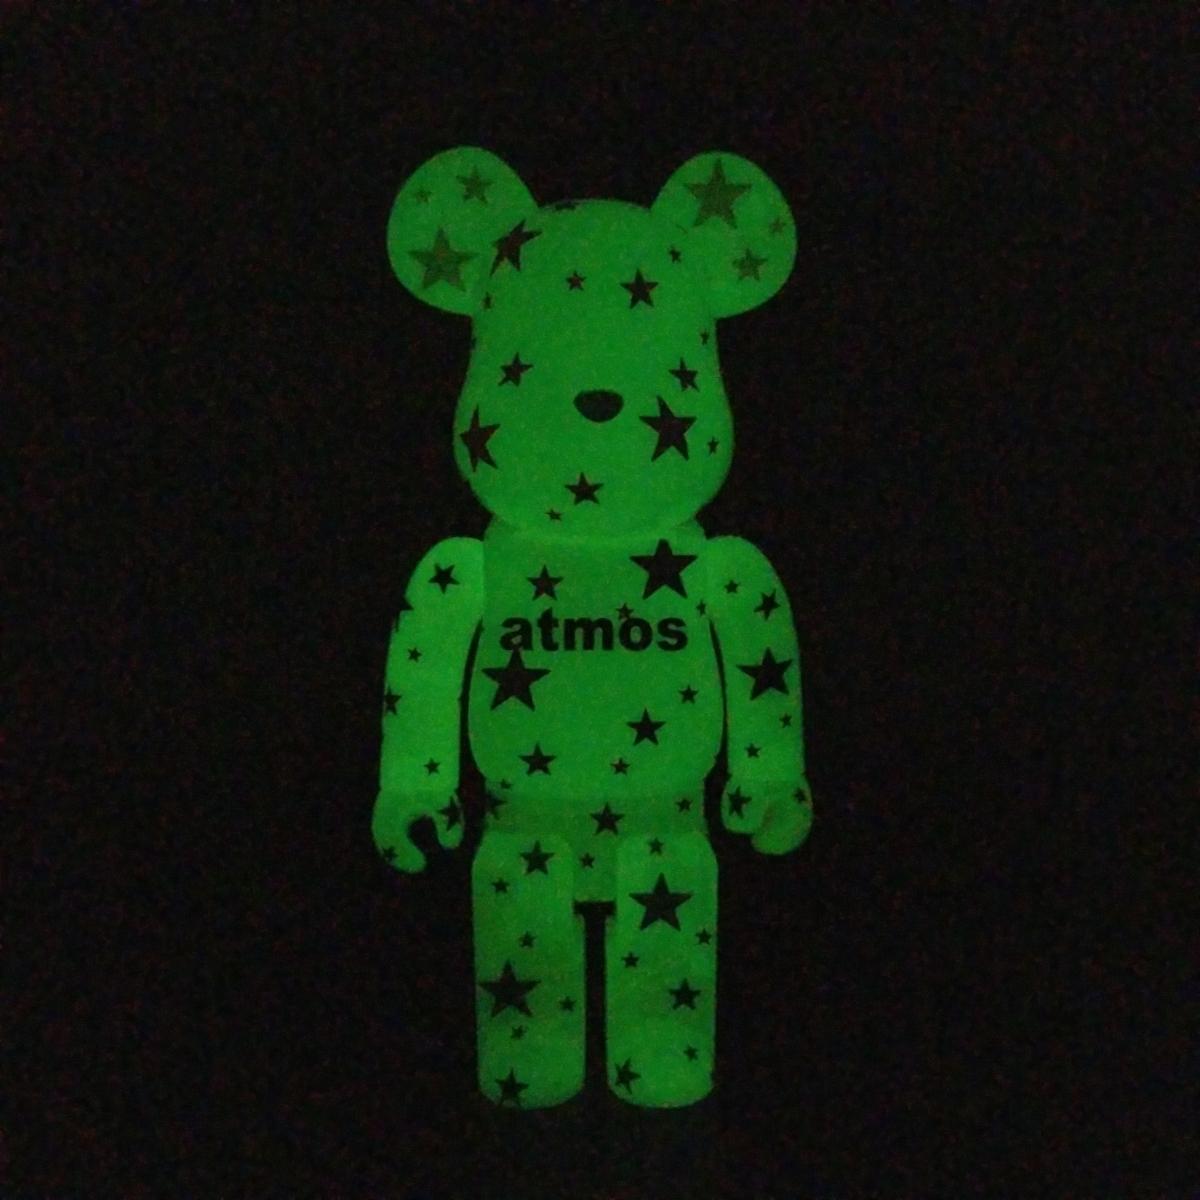 ベアブリック 400% BE@RBRICK アトモス 蓄光タイプ atmos white メディコムトイ 蓄光_画像10